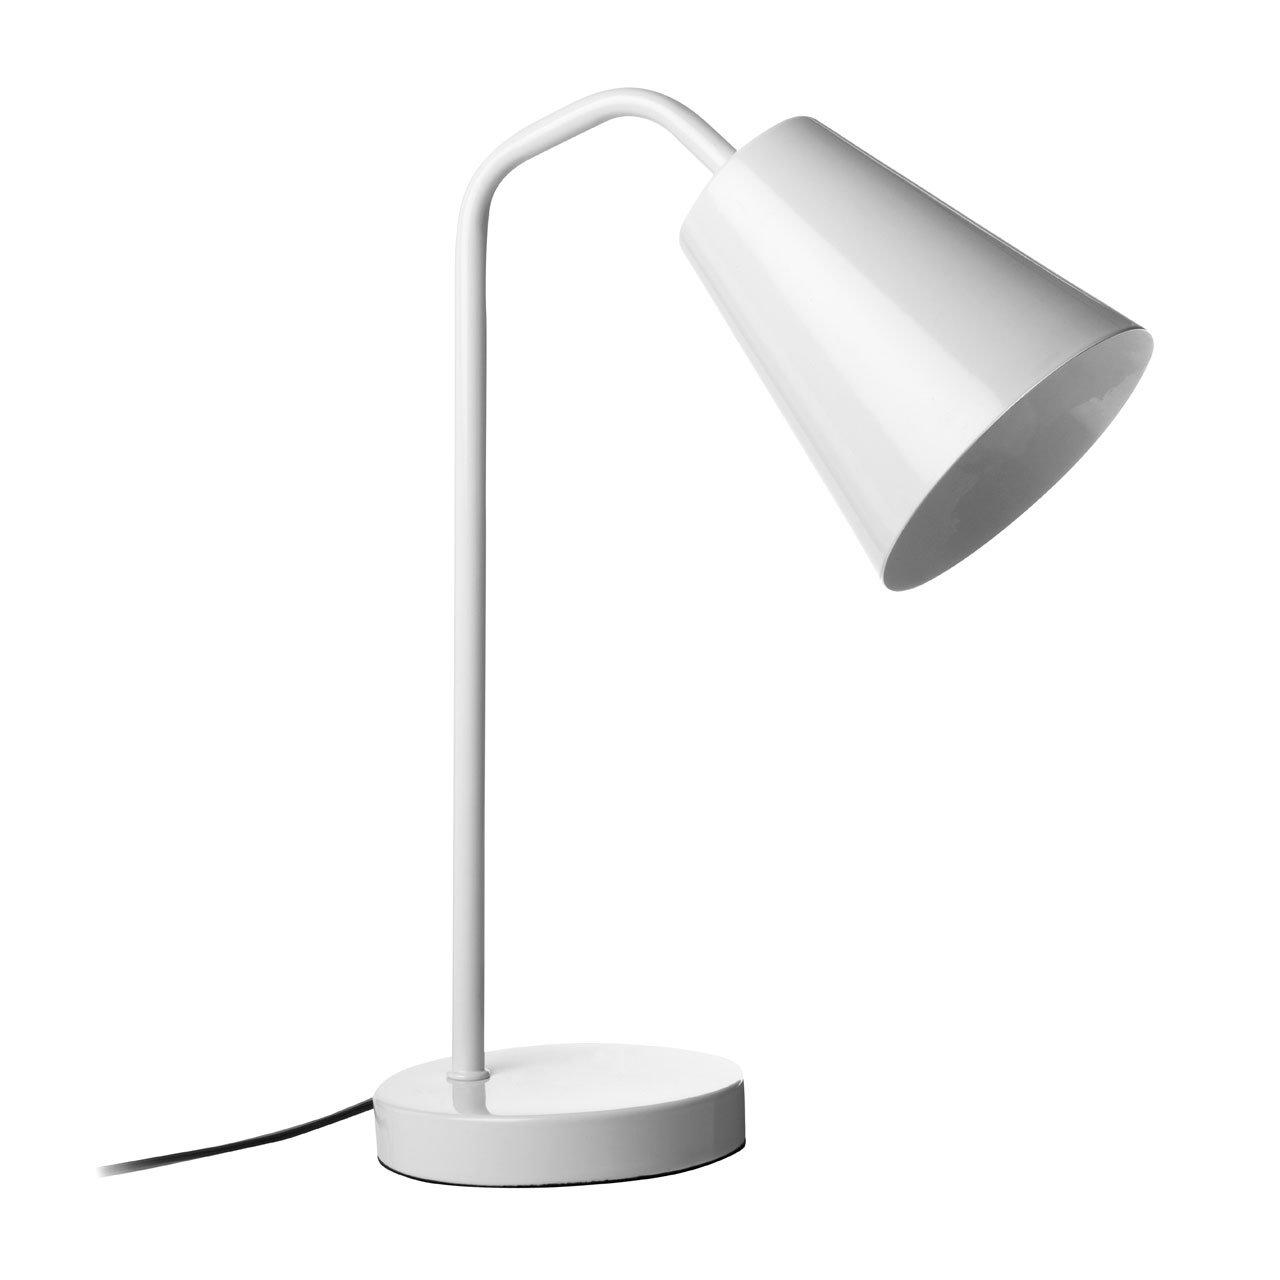 Modern White Metal Desk Lamp At Barnitts Online Store Uk Barnitts